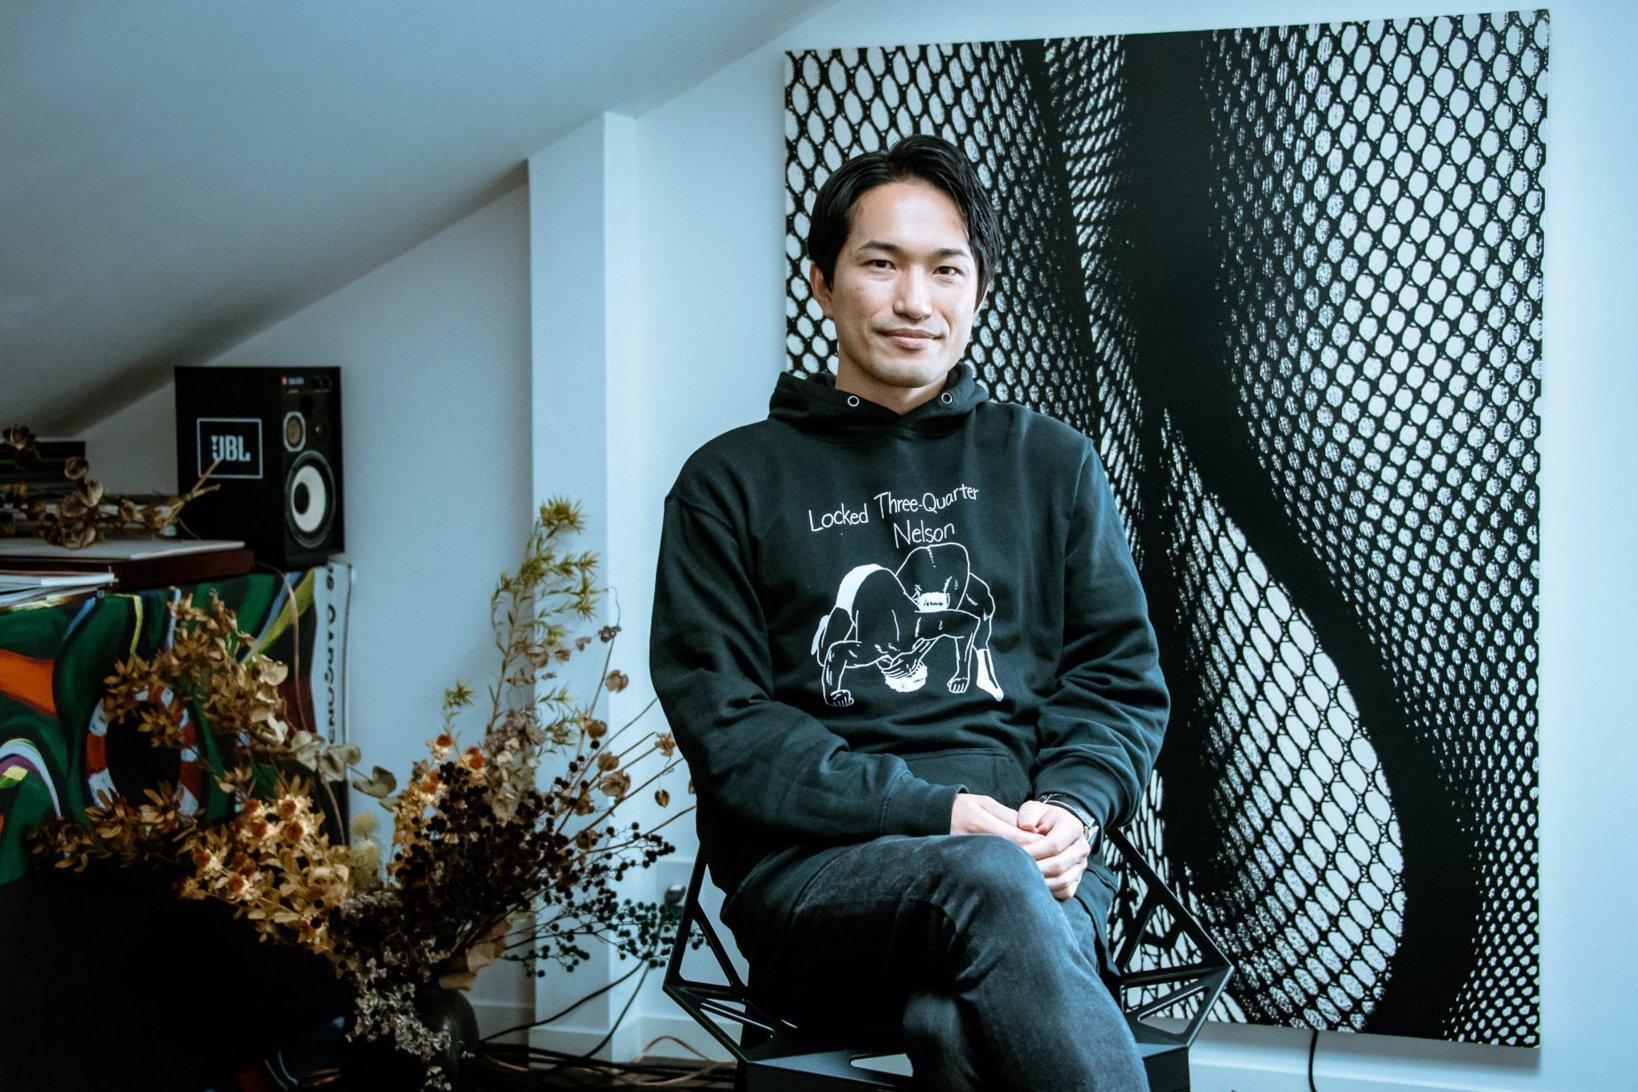 """背景の作品は<a href=""""https://www.moriyamadaido.com/"""">Daido Moriyama</a>。"""